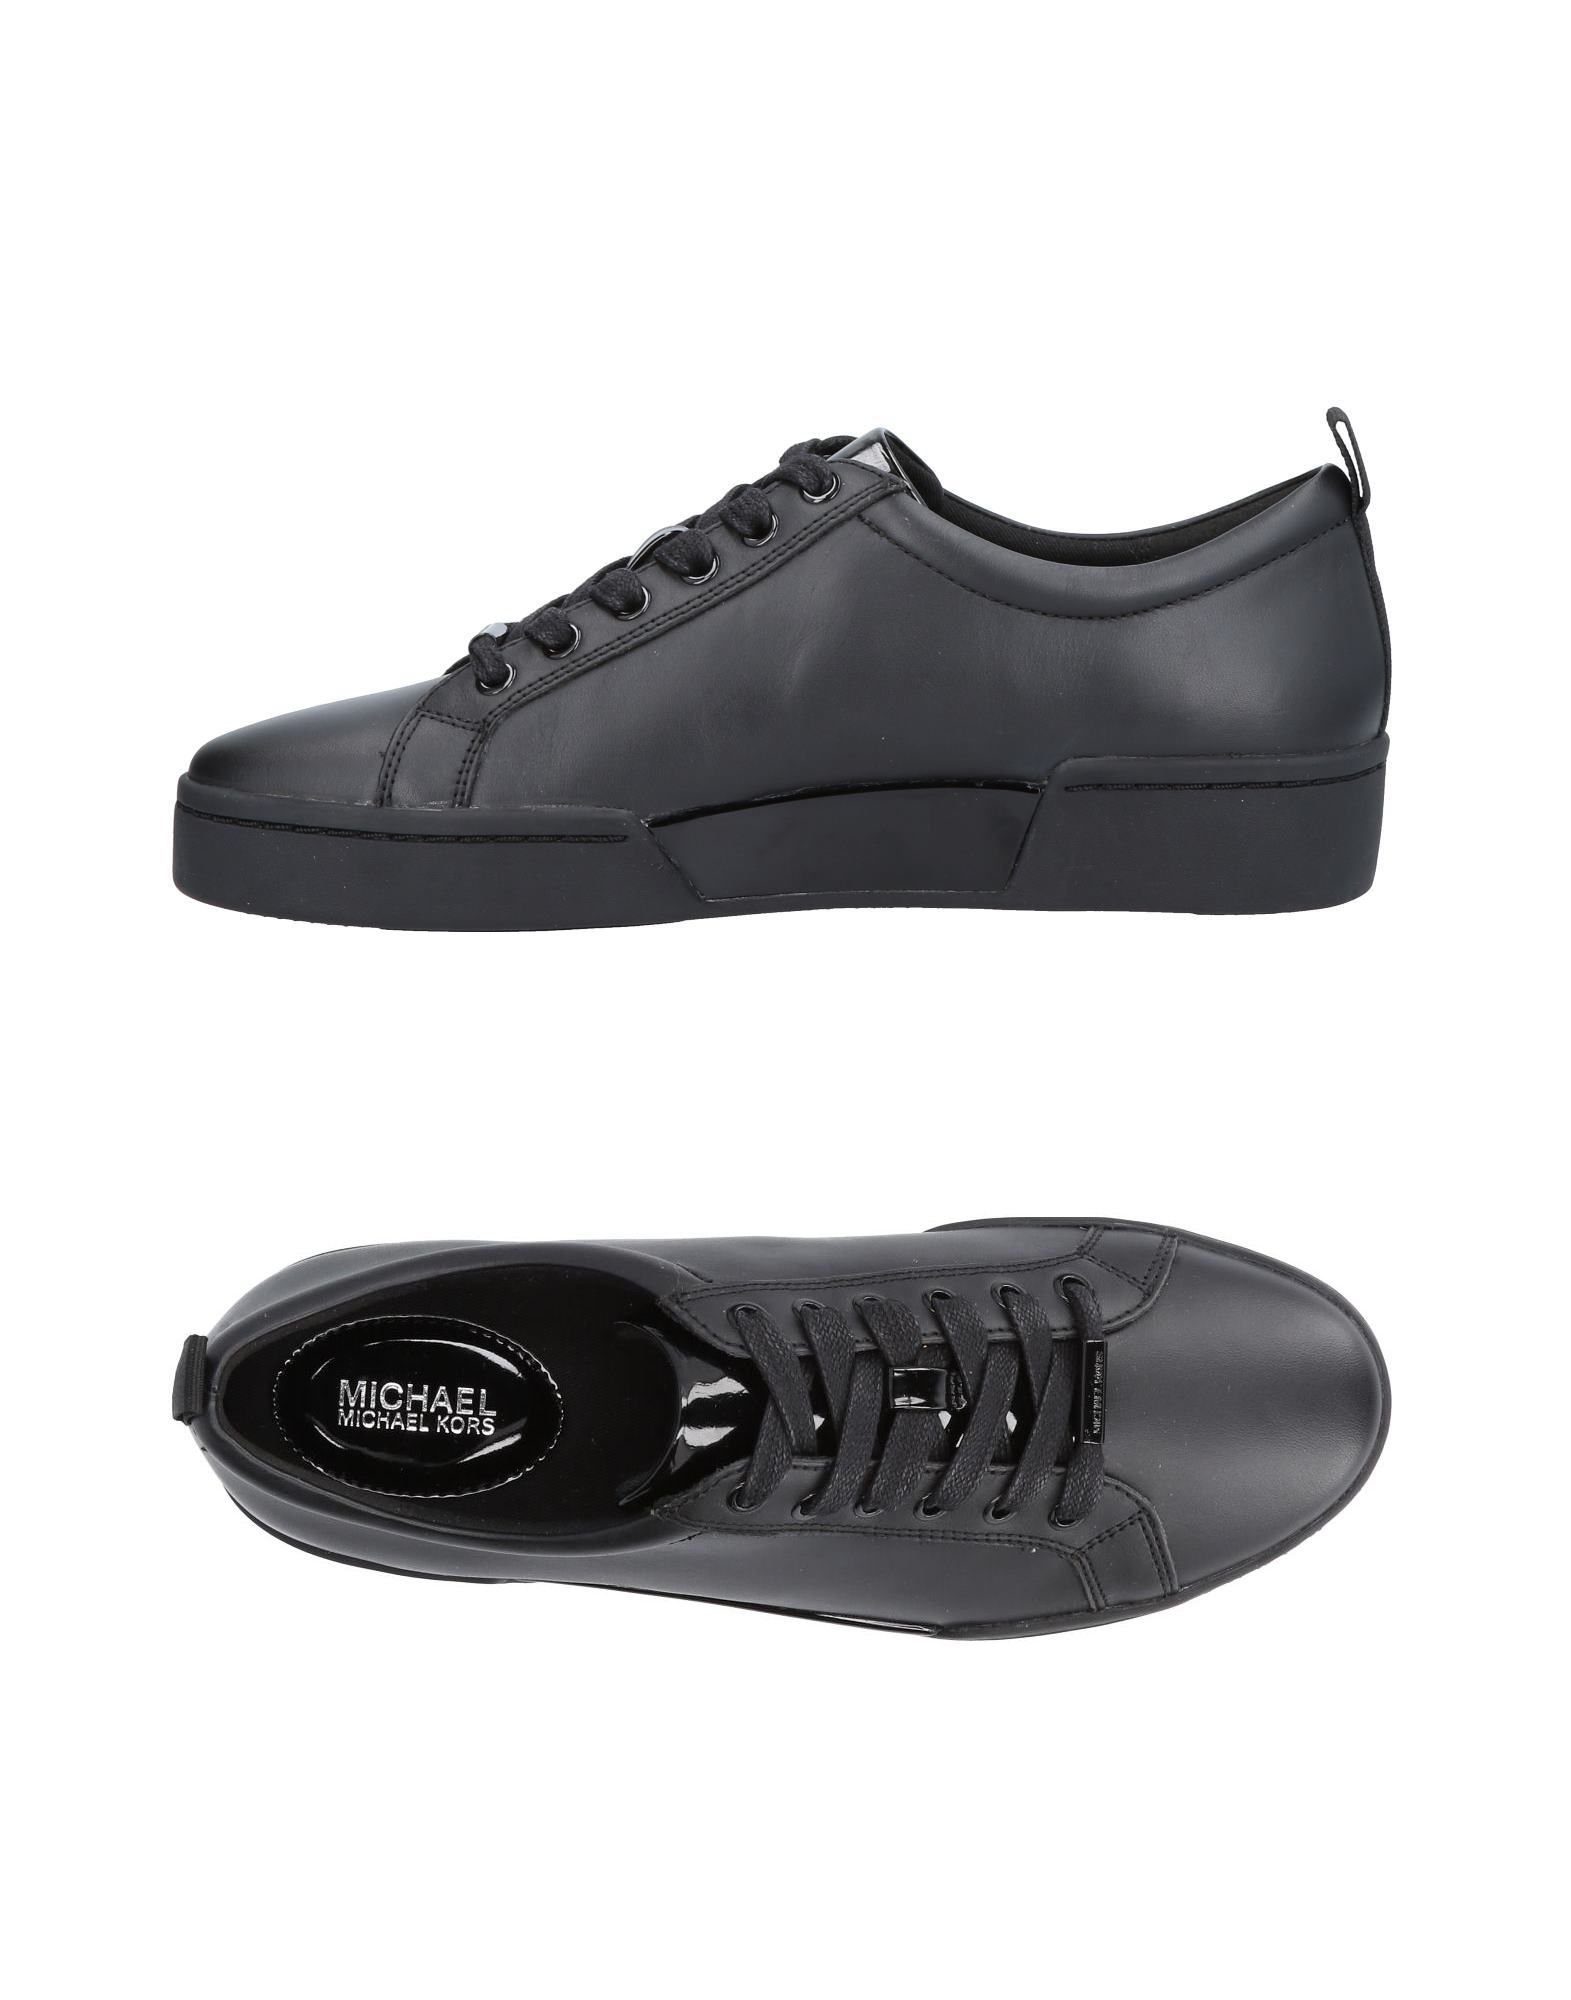 MICHAEL MICHAEL KORS Низкие кеды и кроссовки michael michael kors низкие кеды и кроссовки